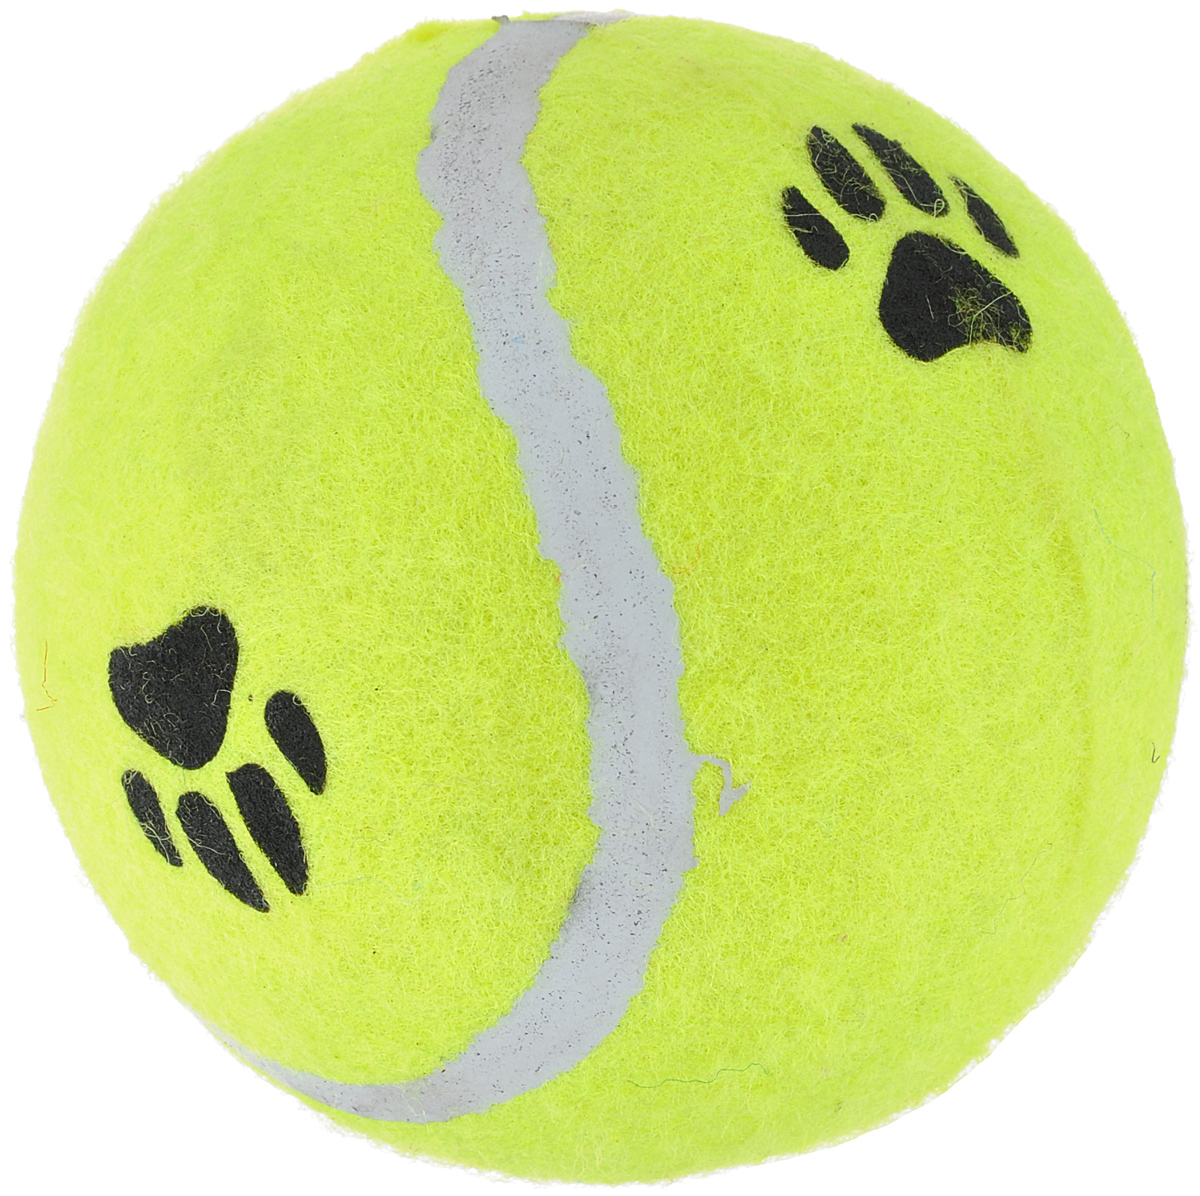 Игрушка для собак I.P.T.S. Мячик теннисный с отпечатками лап, цвет: желтый, диаметр 10 см16211/625596_желтыйИгрушка для собак I.P.T.S. изготовлена из прочной цветной резины с ворсистой поверхностью в виде теннисного мяча с отпечатками лап. Предназначена для игр с собакой любого возраста. Такая игрушка привлечет внимание вашего любимца и не оставит его равнодушным. Диаметр: 10 см.